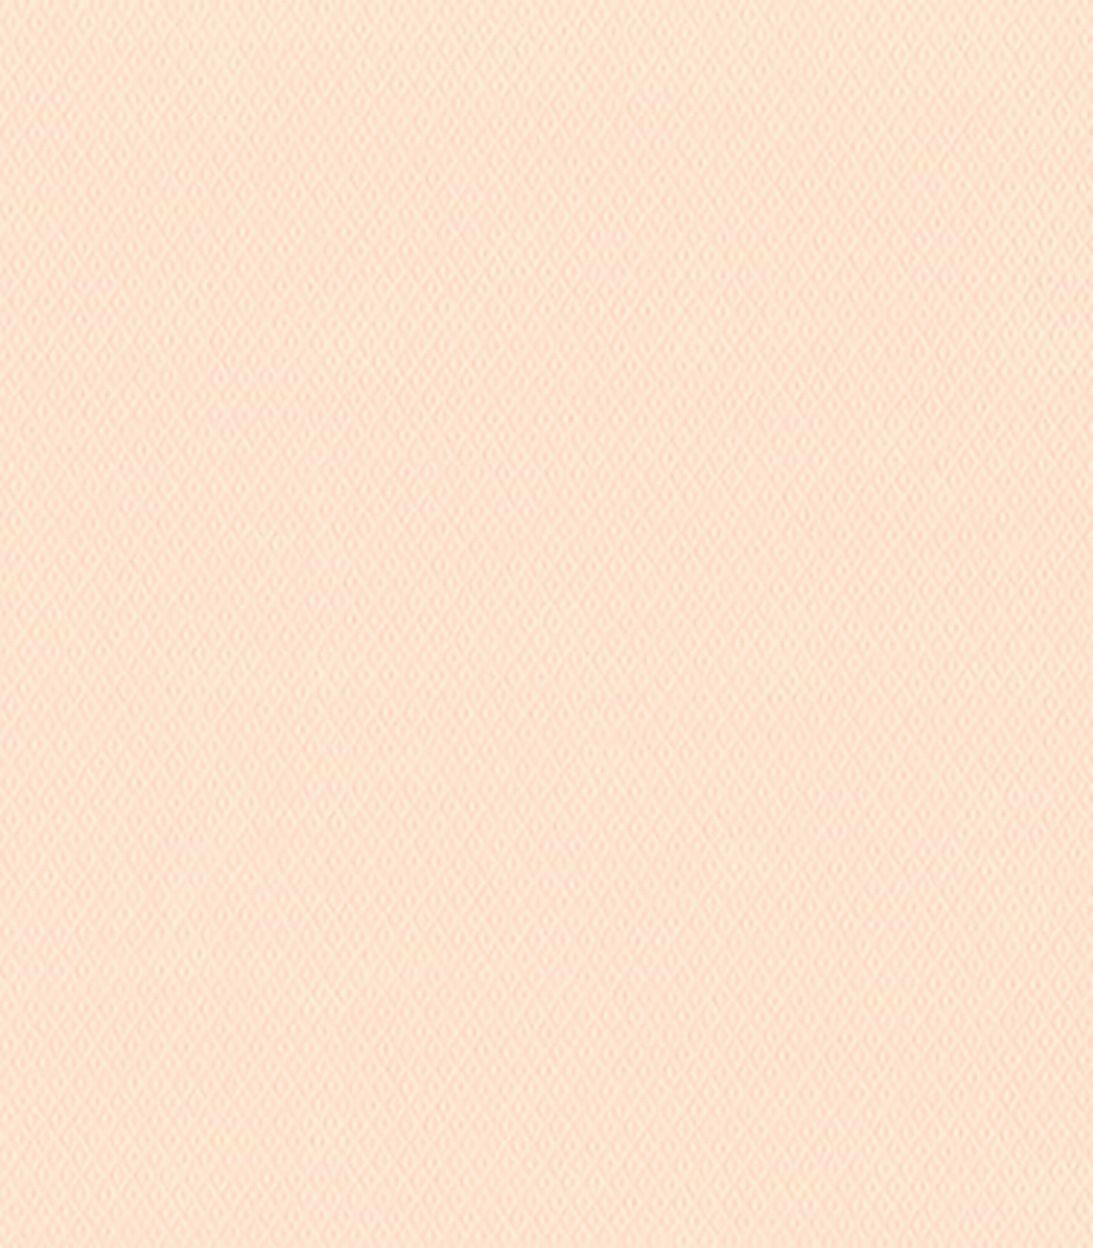 Купить Обои виниловые на флизелиновой основе Ateliero Fransua 68419-02 1, 06х10 м, Бежевый, Винил на флизелине